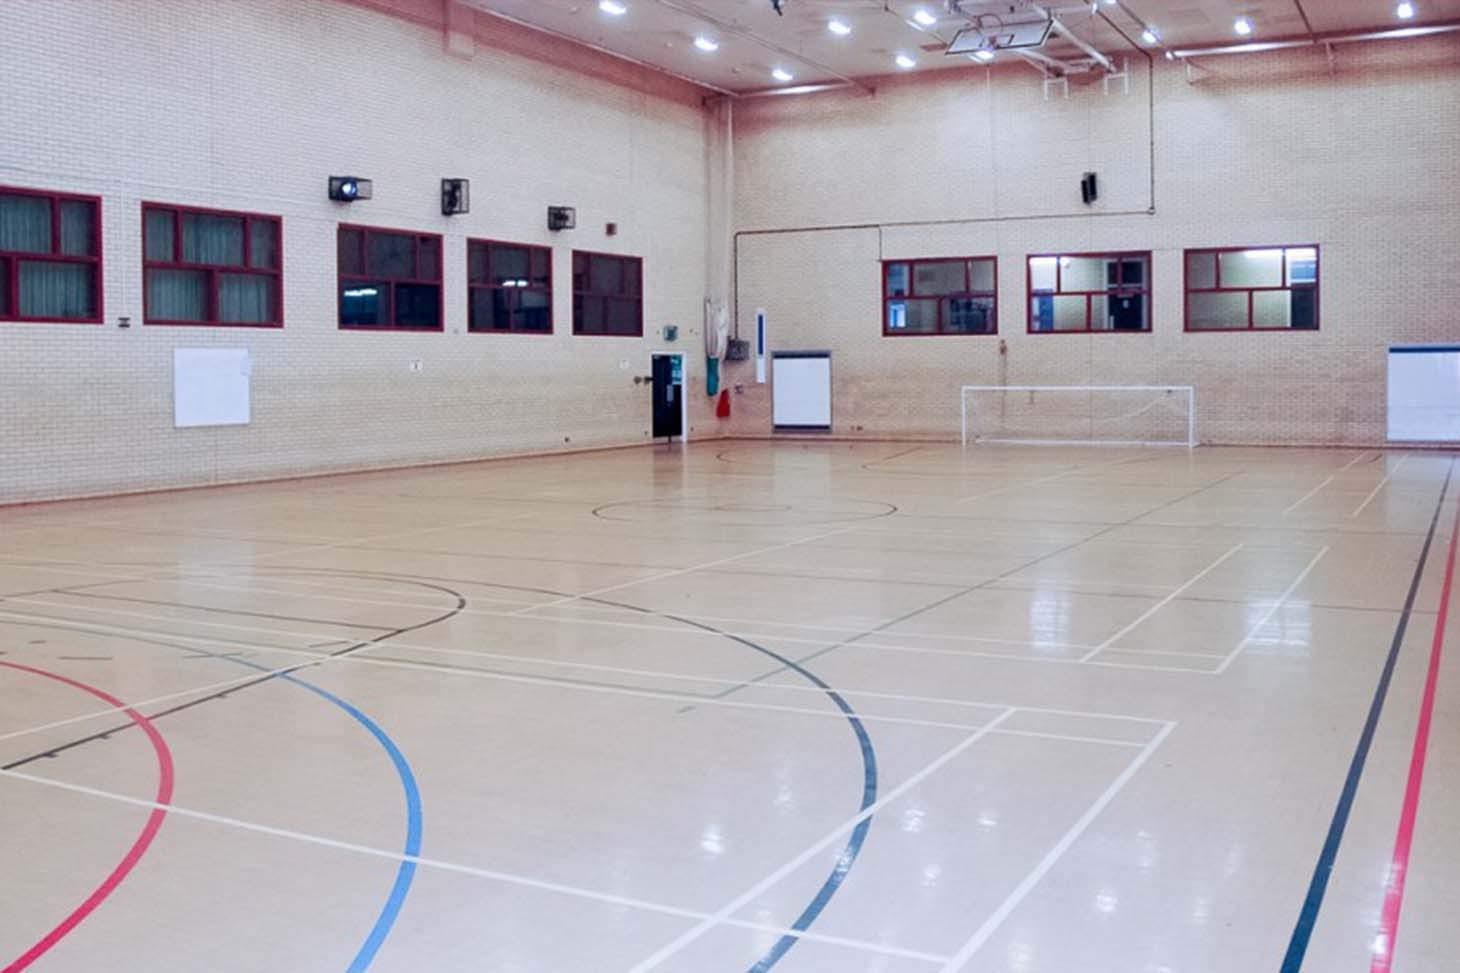 Moulton School & Science College Indoor badminton court